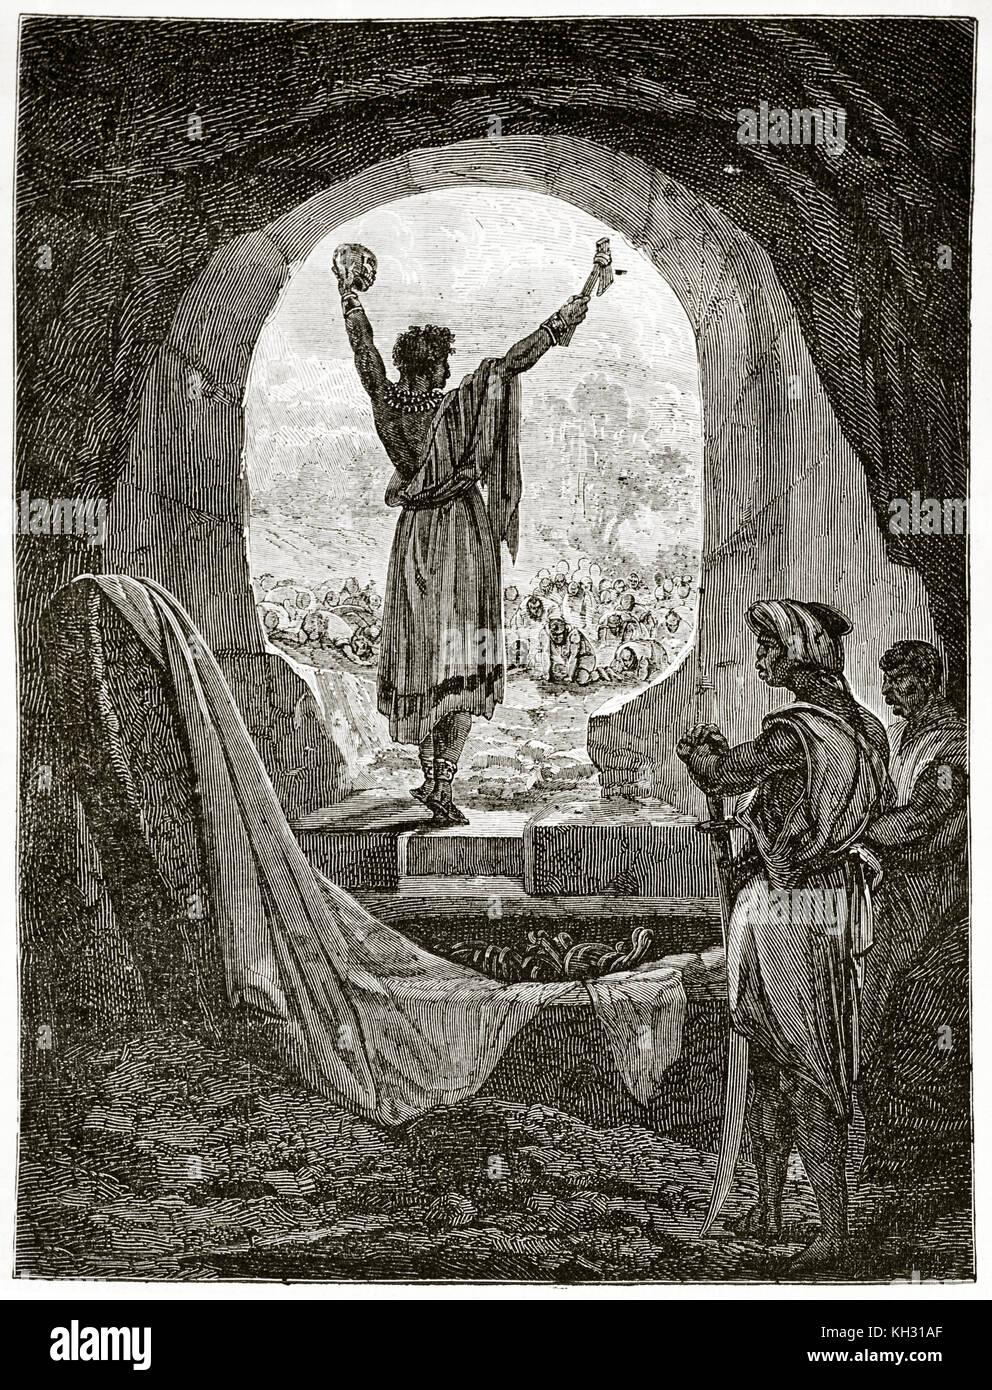 Vieille illustration représentant le couronnement du roi du Dahomey. Par Foulquier après Valdez, publ. Photo Stock